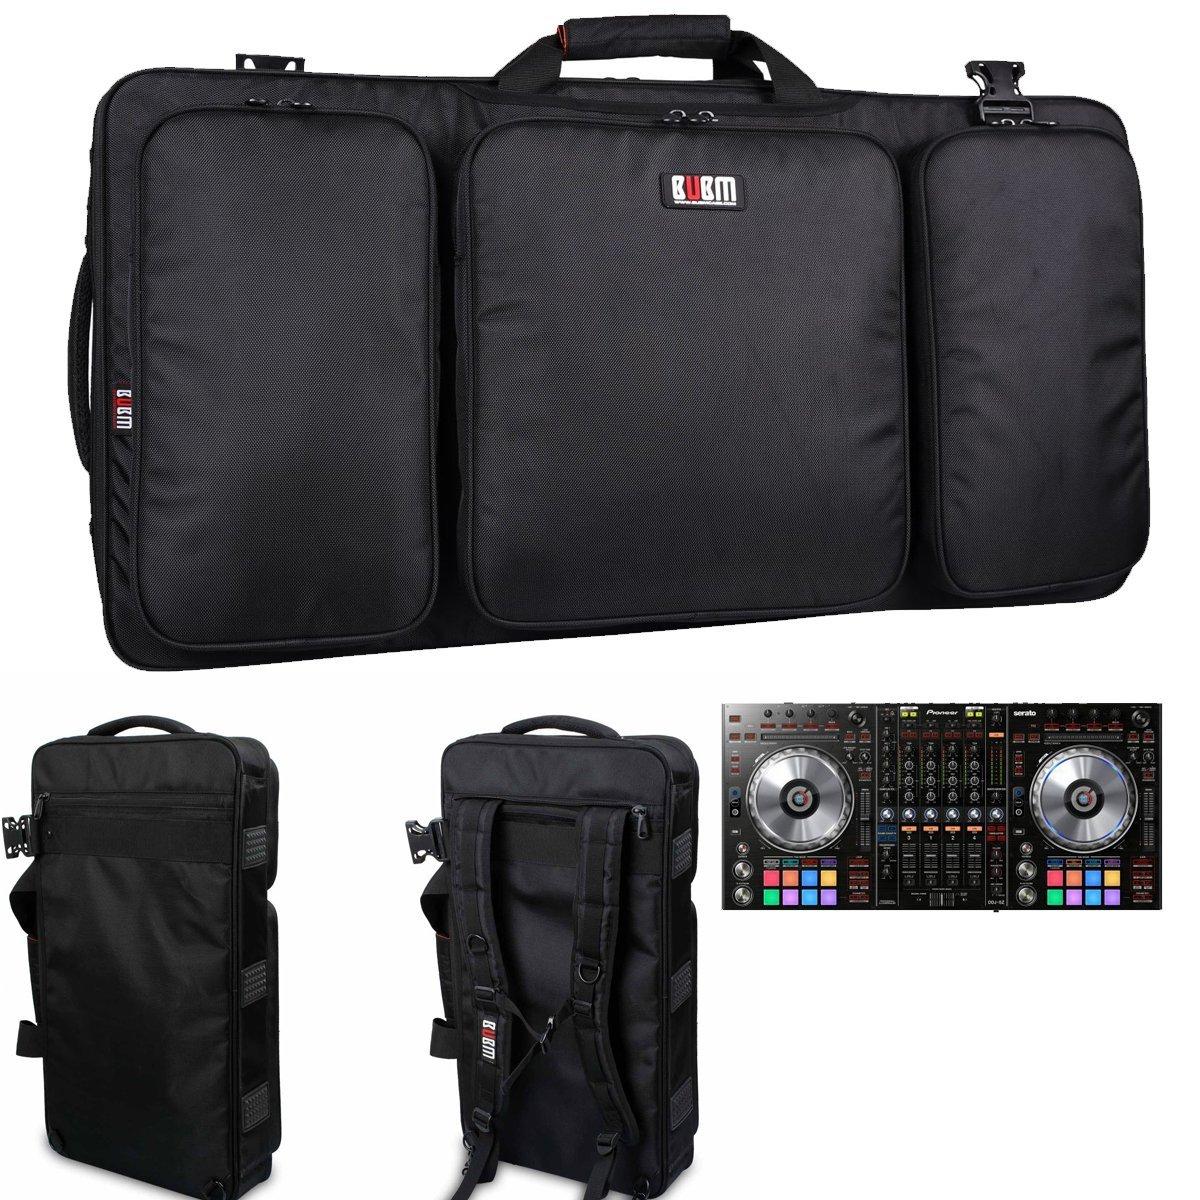 BUBM противоударный переноски Камера случае телефон Профессиональный протектор сумка рюкзак для Pioneer Pro DDJ SZ DJ